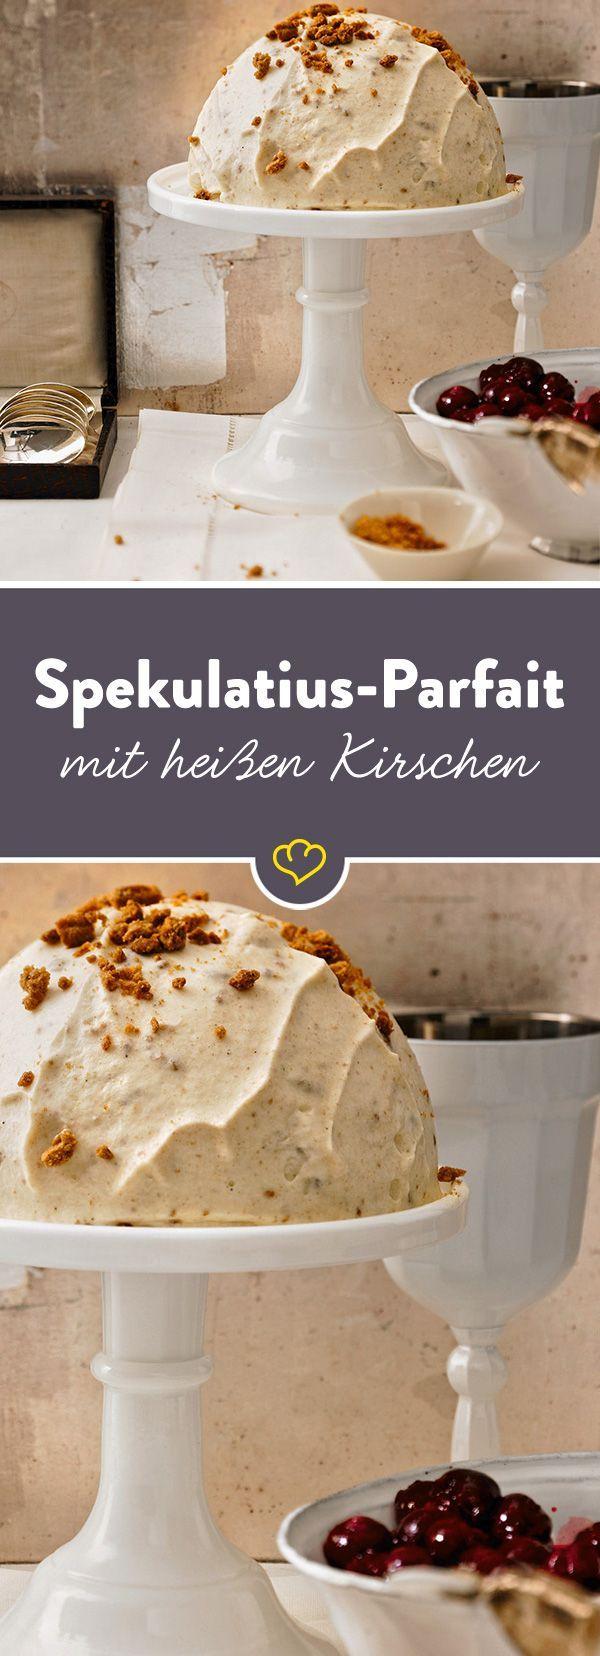 Photo of Spekulatius-Parfait mit heißen Kirschen